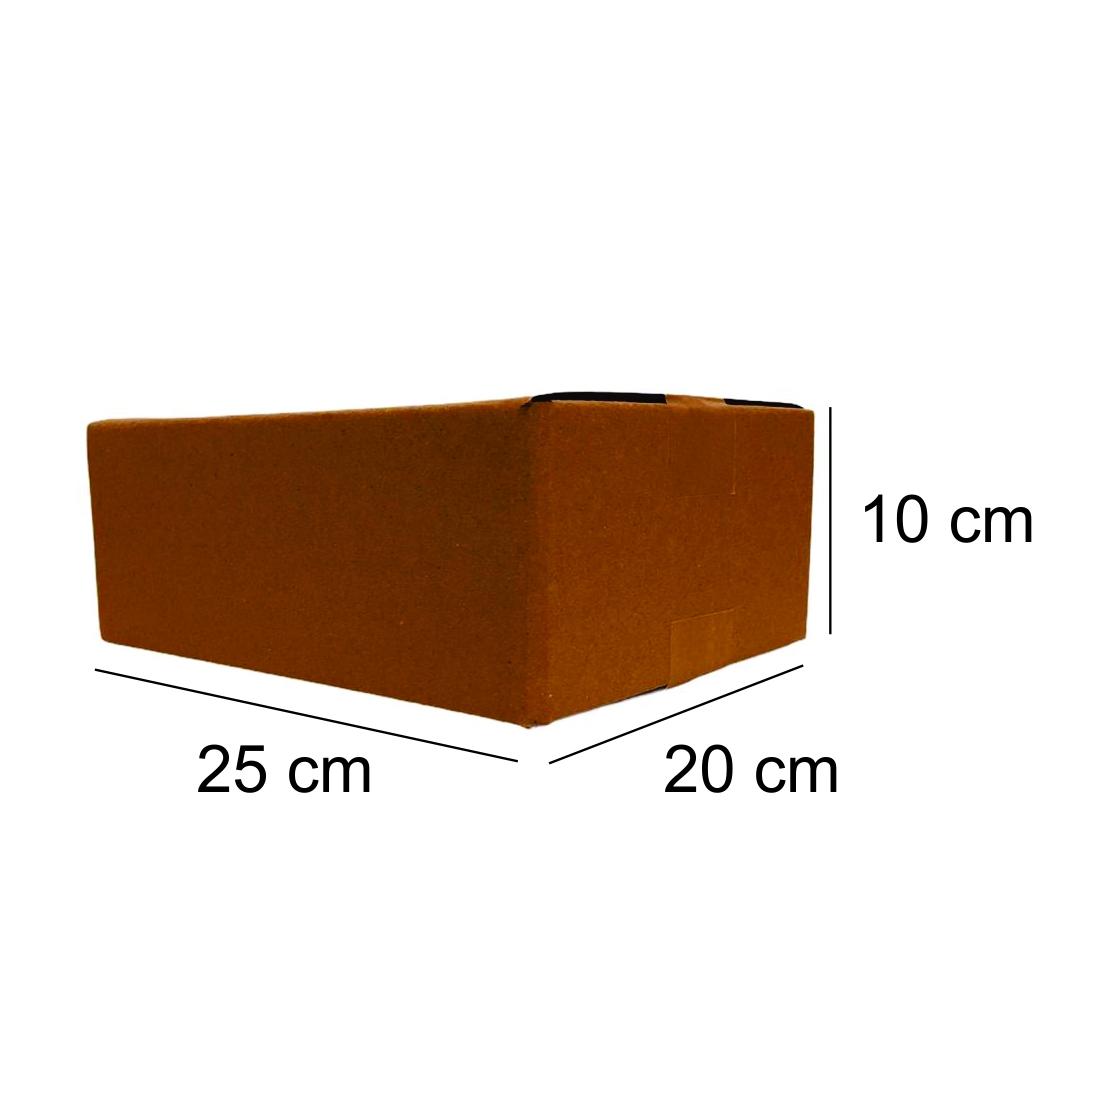 200 Caixas de Papelao (25X20X10)cm - Sedex / Pac / Correios